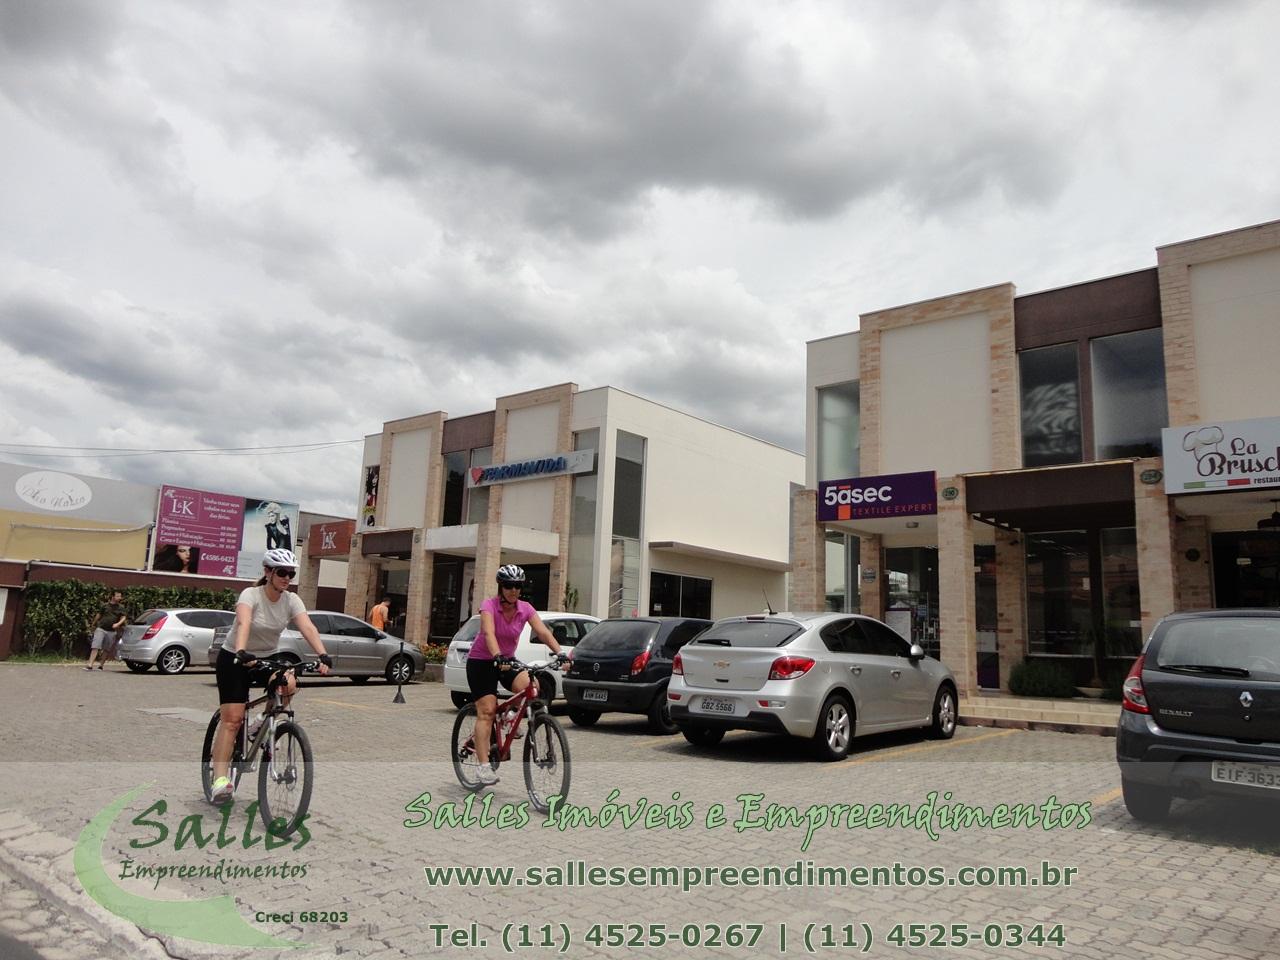 Imóveis à Venda em Jundiaí - SP - 2298 Salles Imoveis